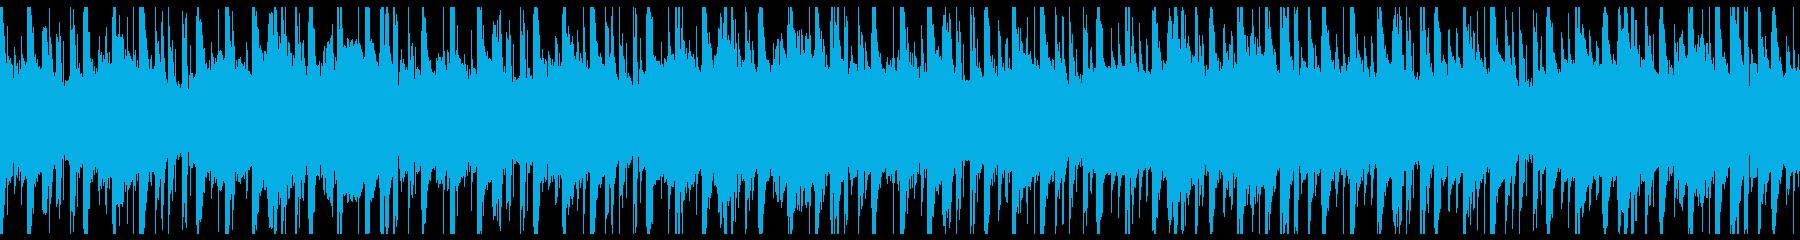 ポップ テクノ 代替案 励ましい ...の再生済みの波形